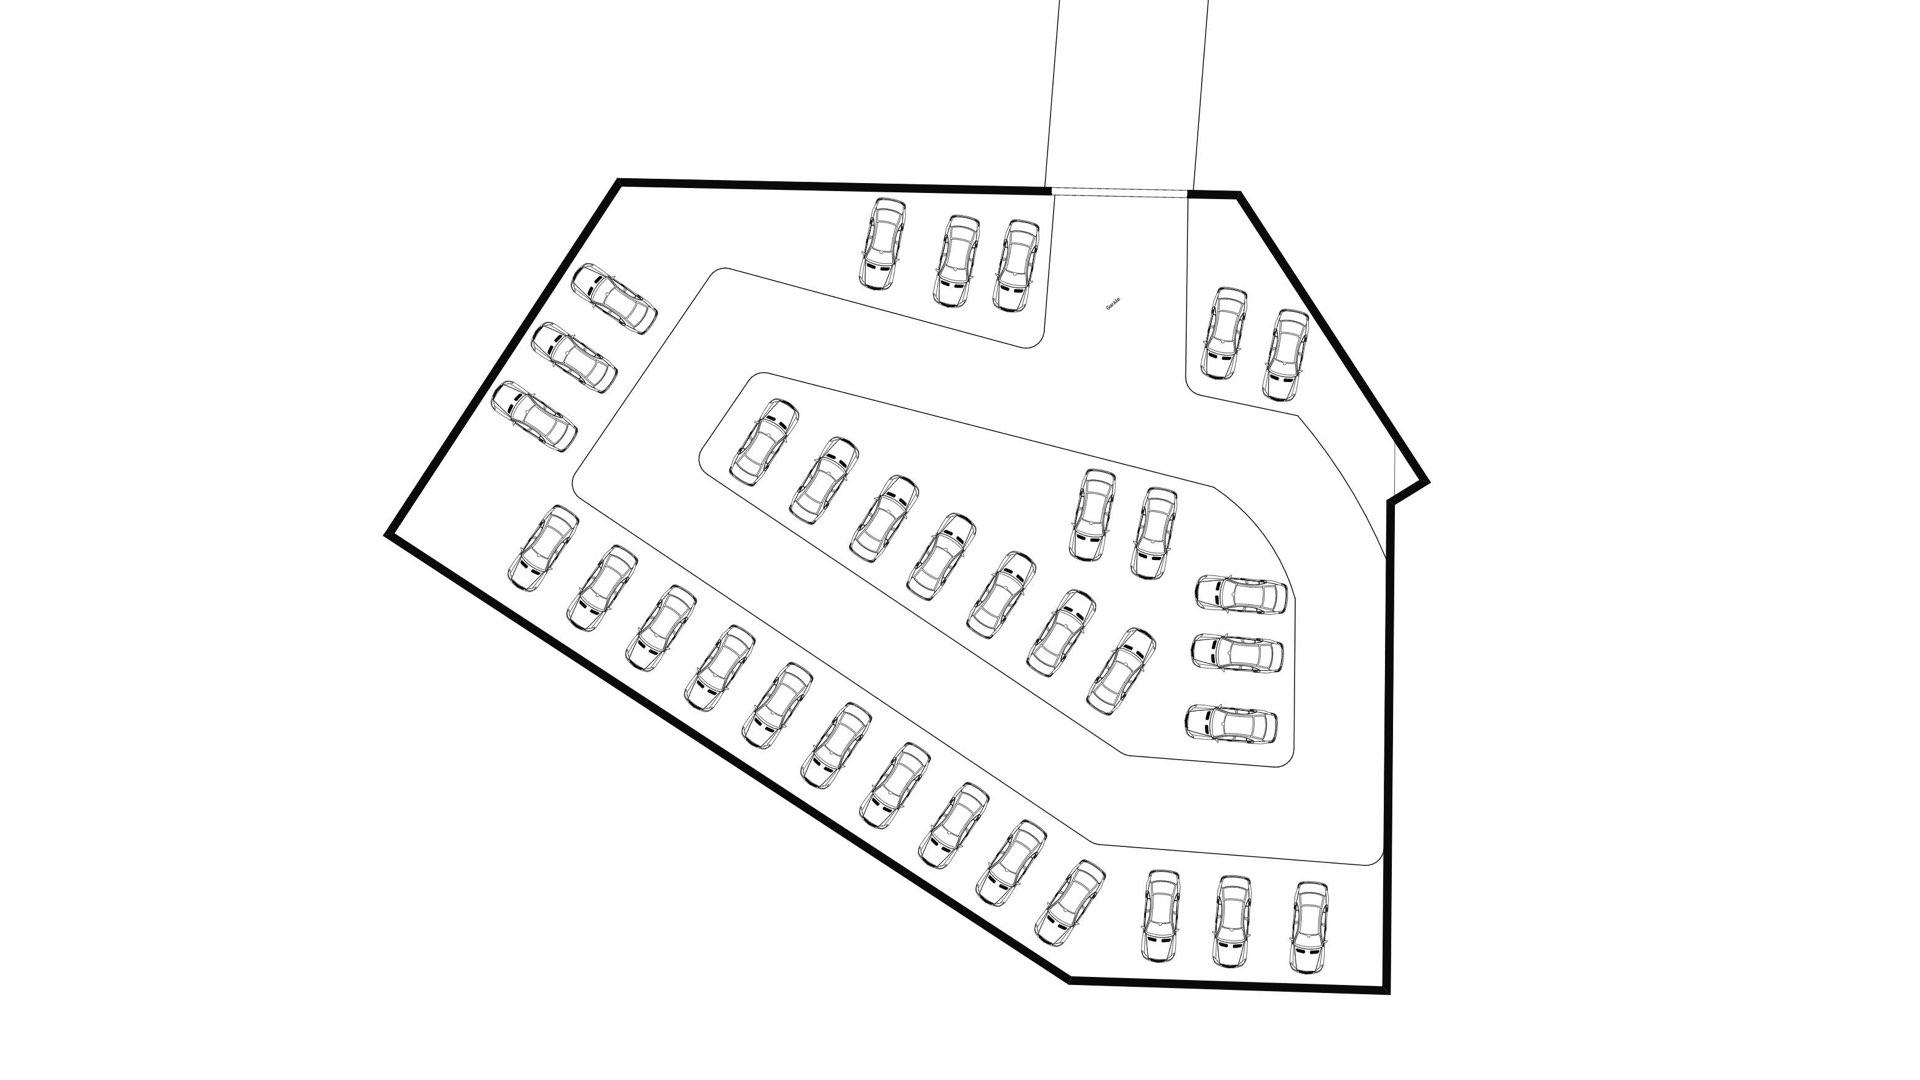 Rezidence Jenerálka KKCG - půdorys sportovního komplexu - 1.PP. Autor: Kurz architekti